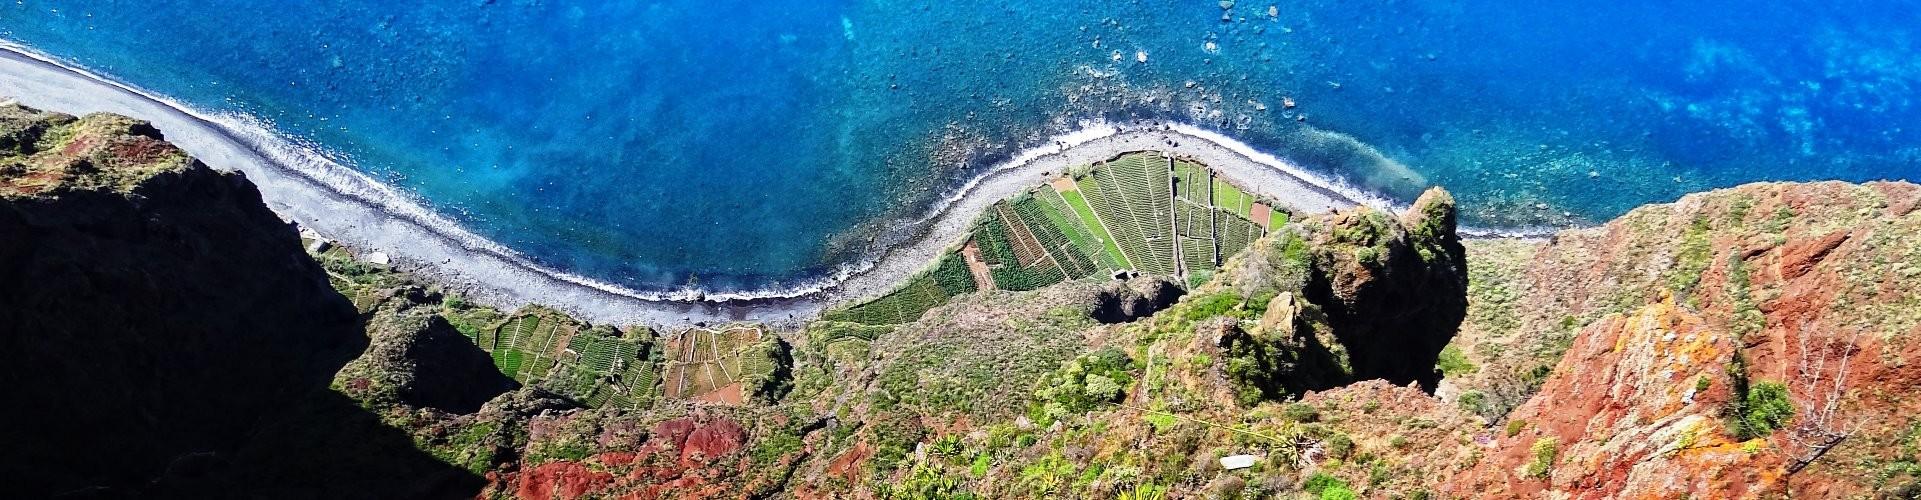 Câmara de Lobos & Cabo Girão – Tuk Viewpoints Tour